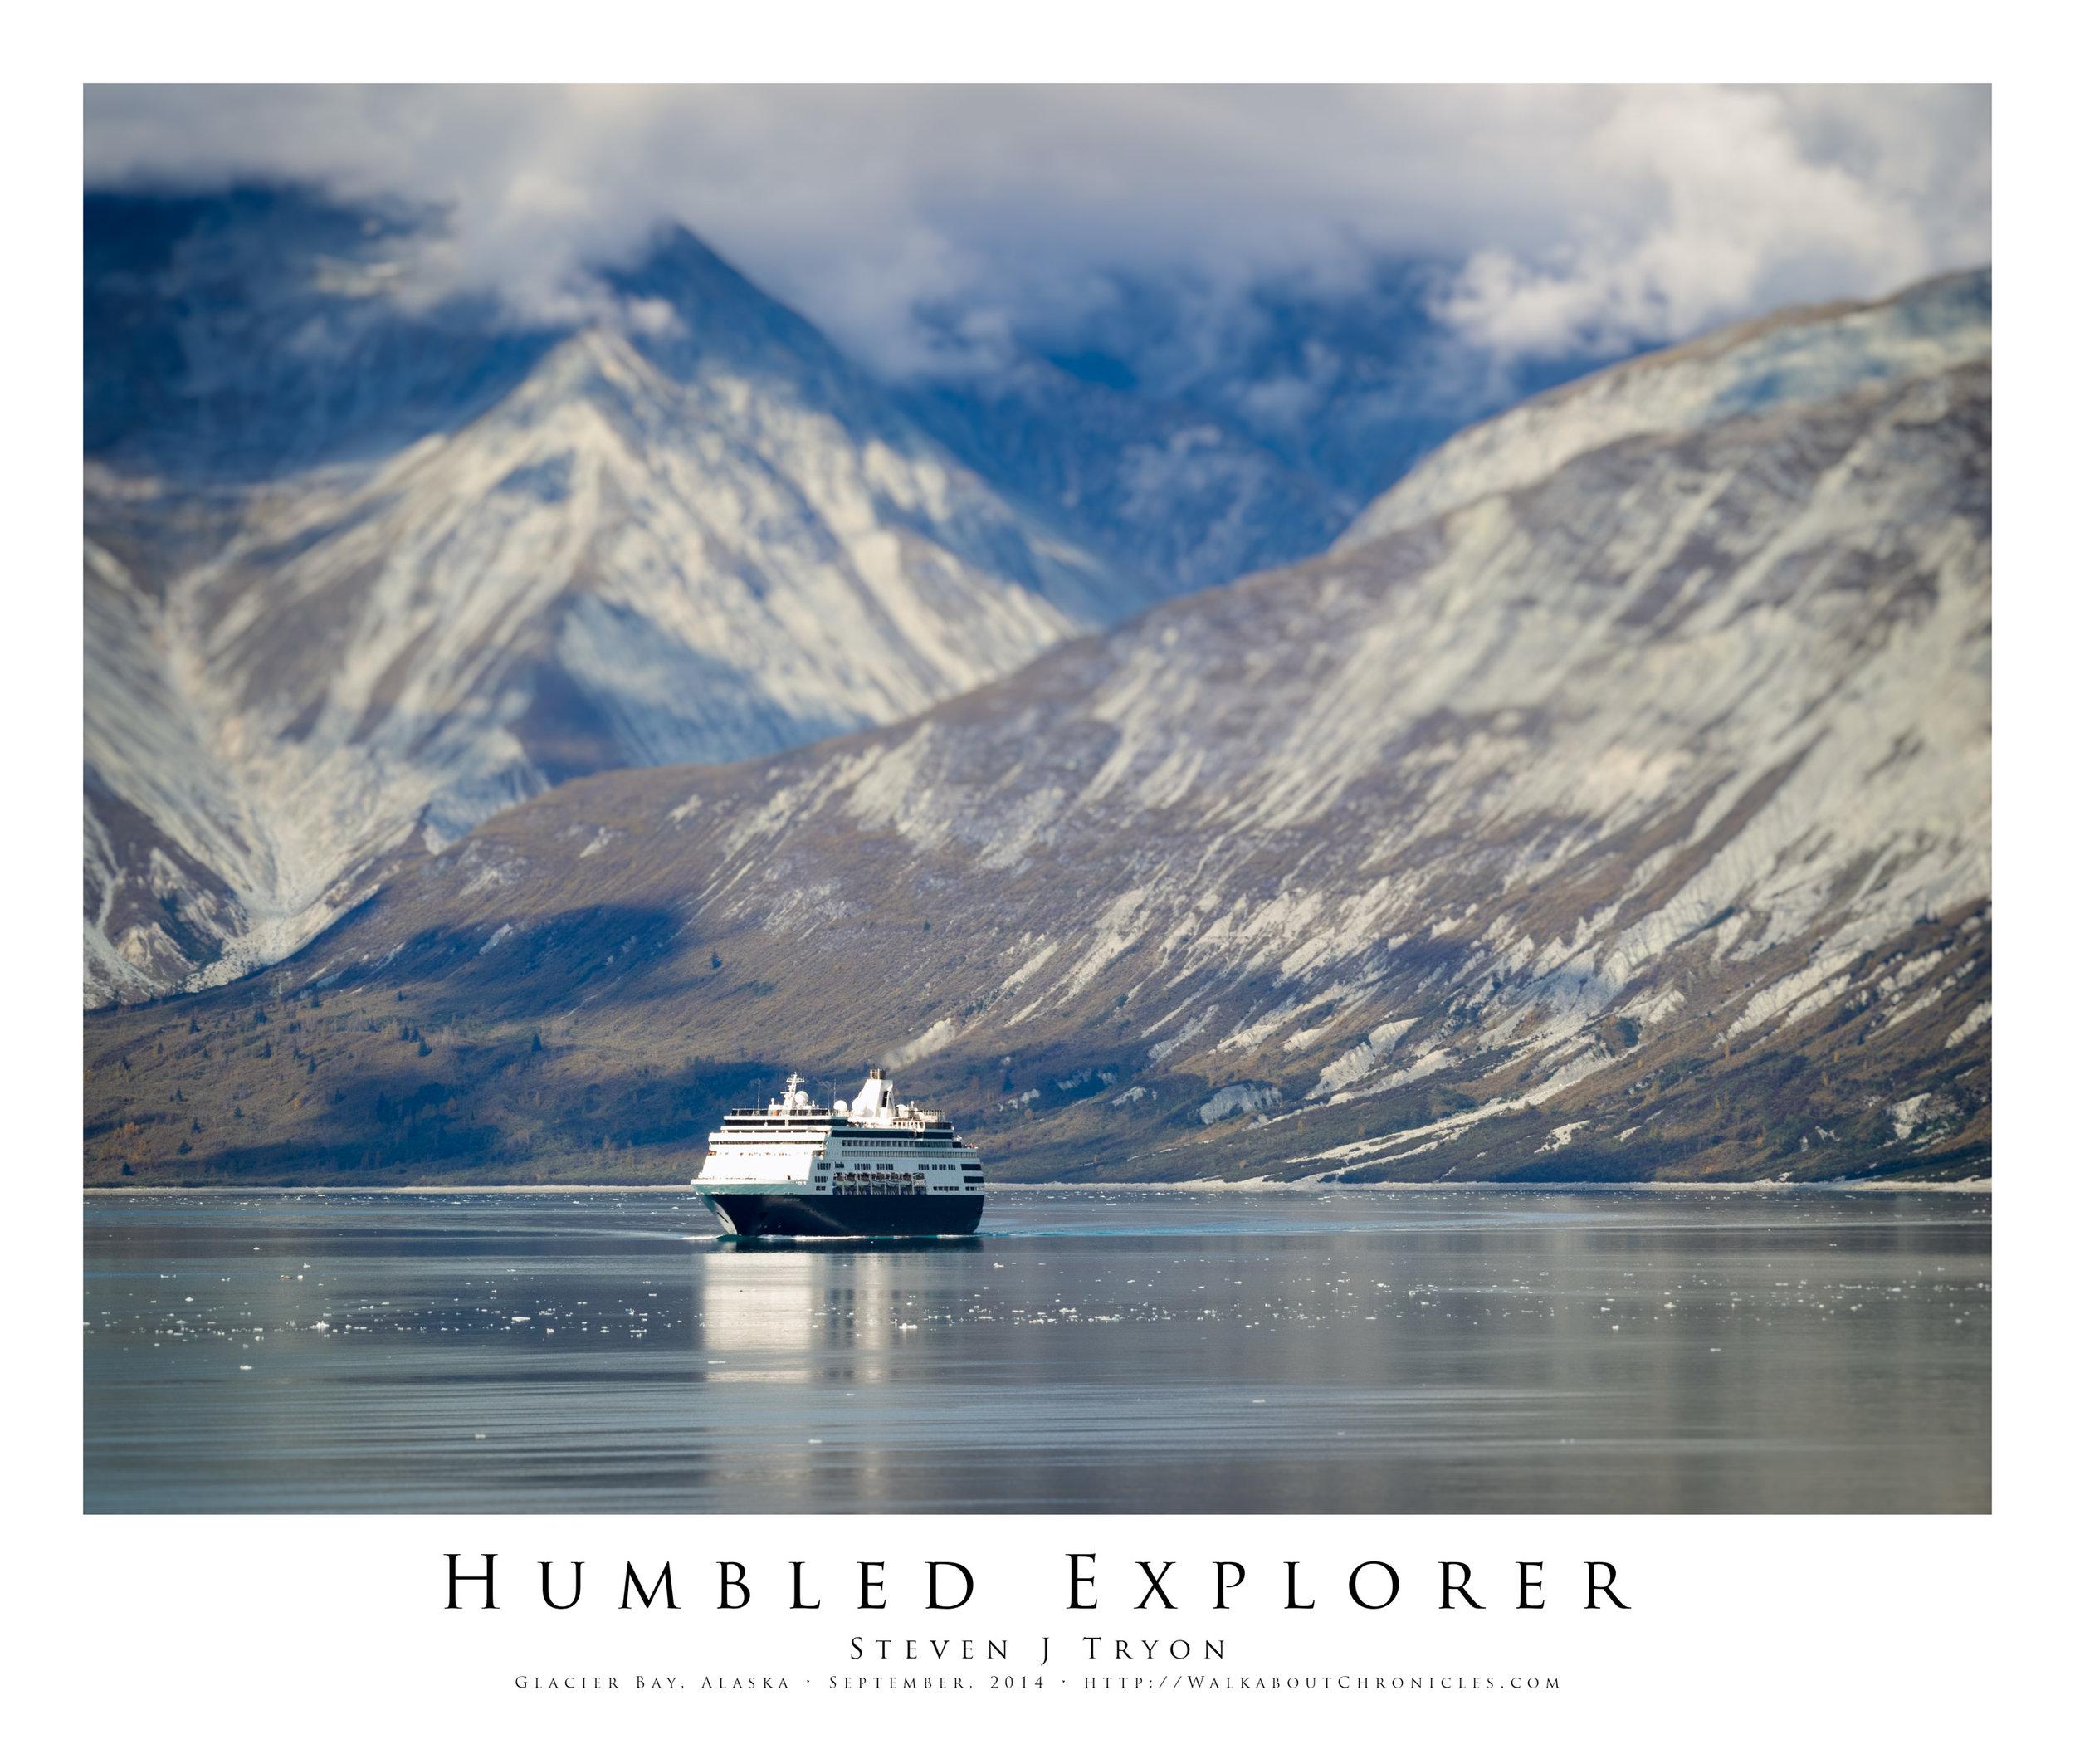 Humbled Explorer